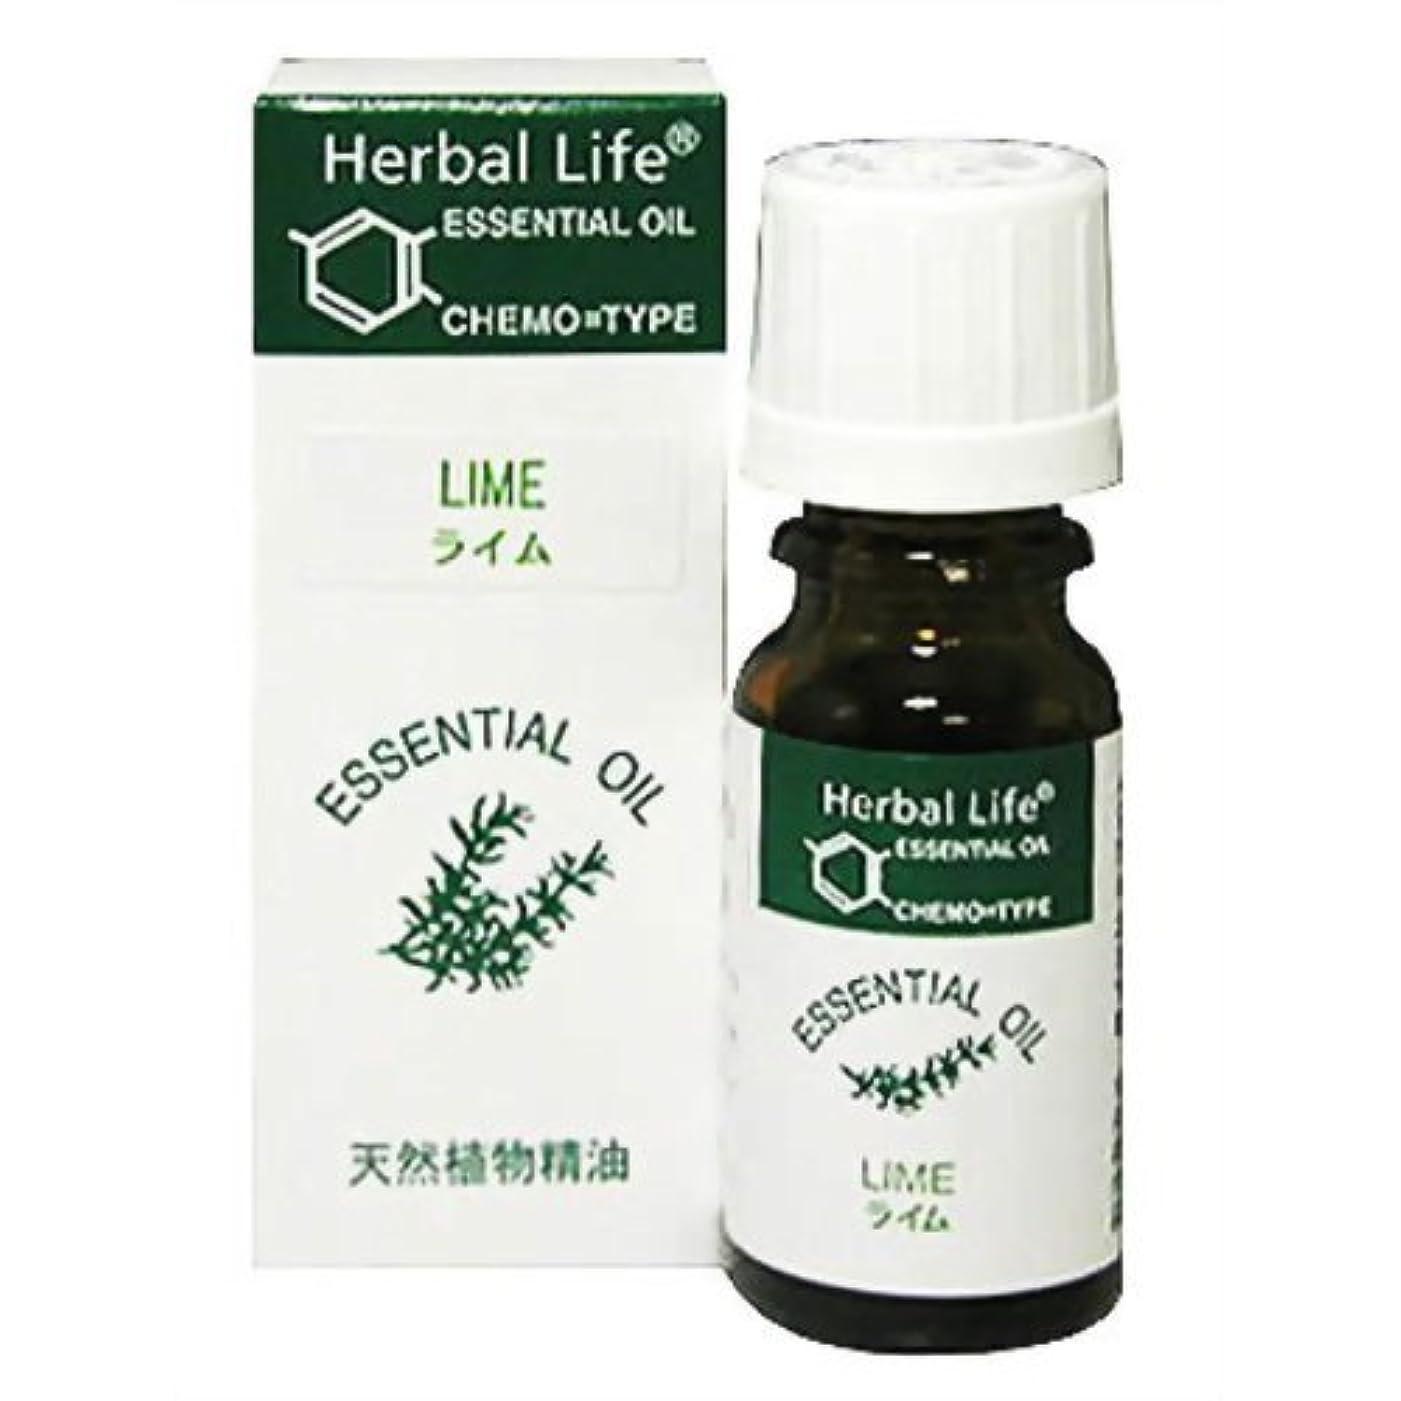 繊毛シャンプー株式会社生活の木 Herbal Life ライム 10ml